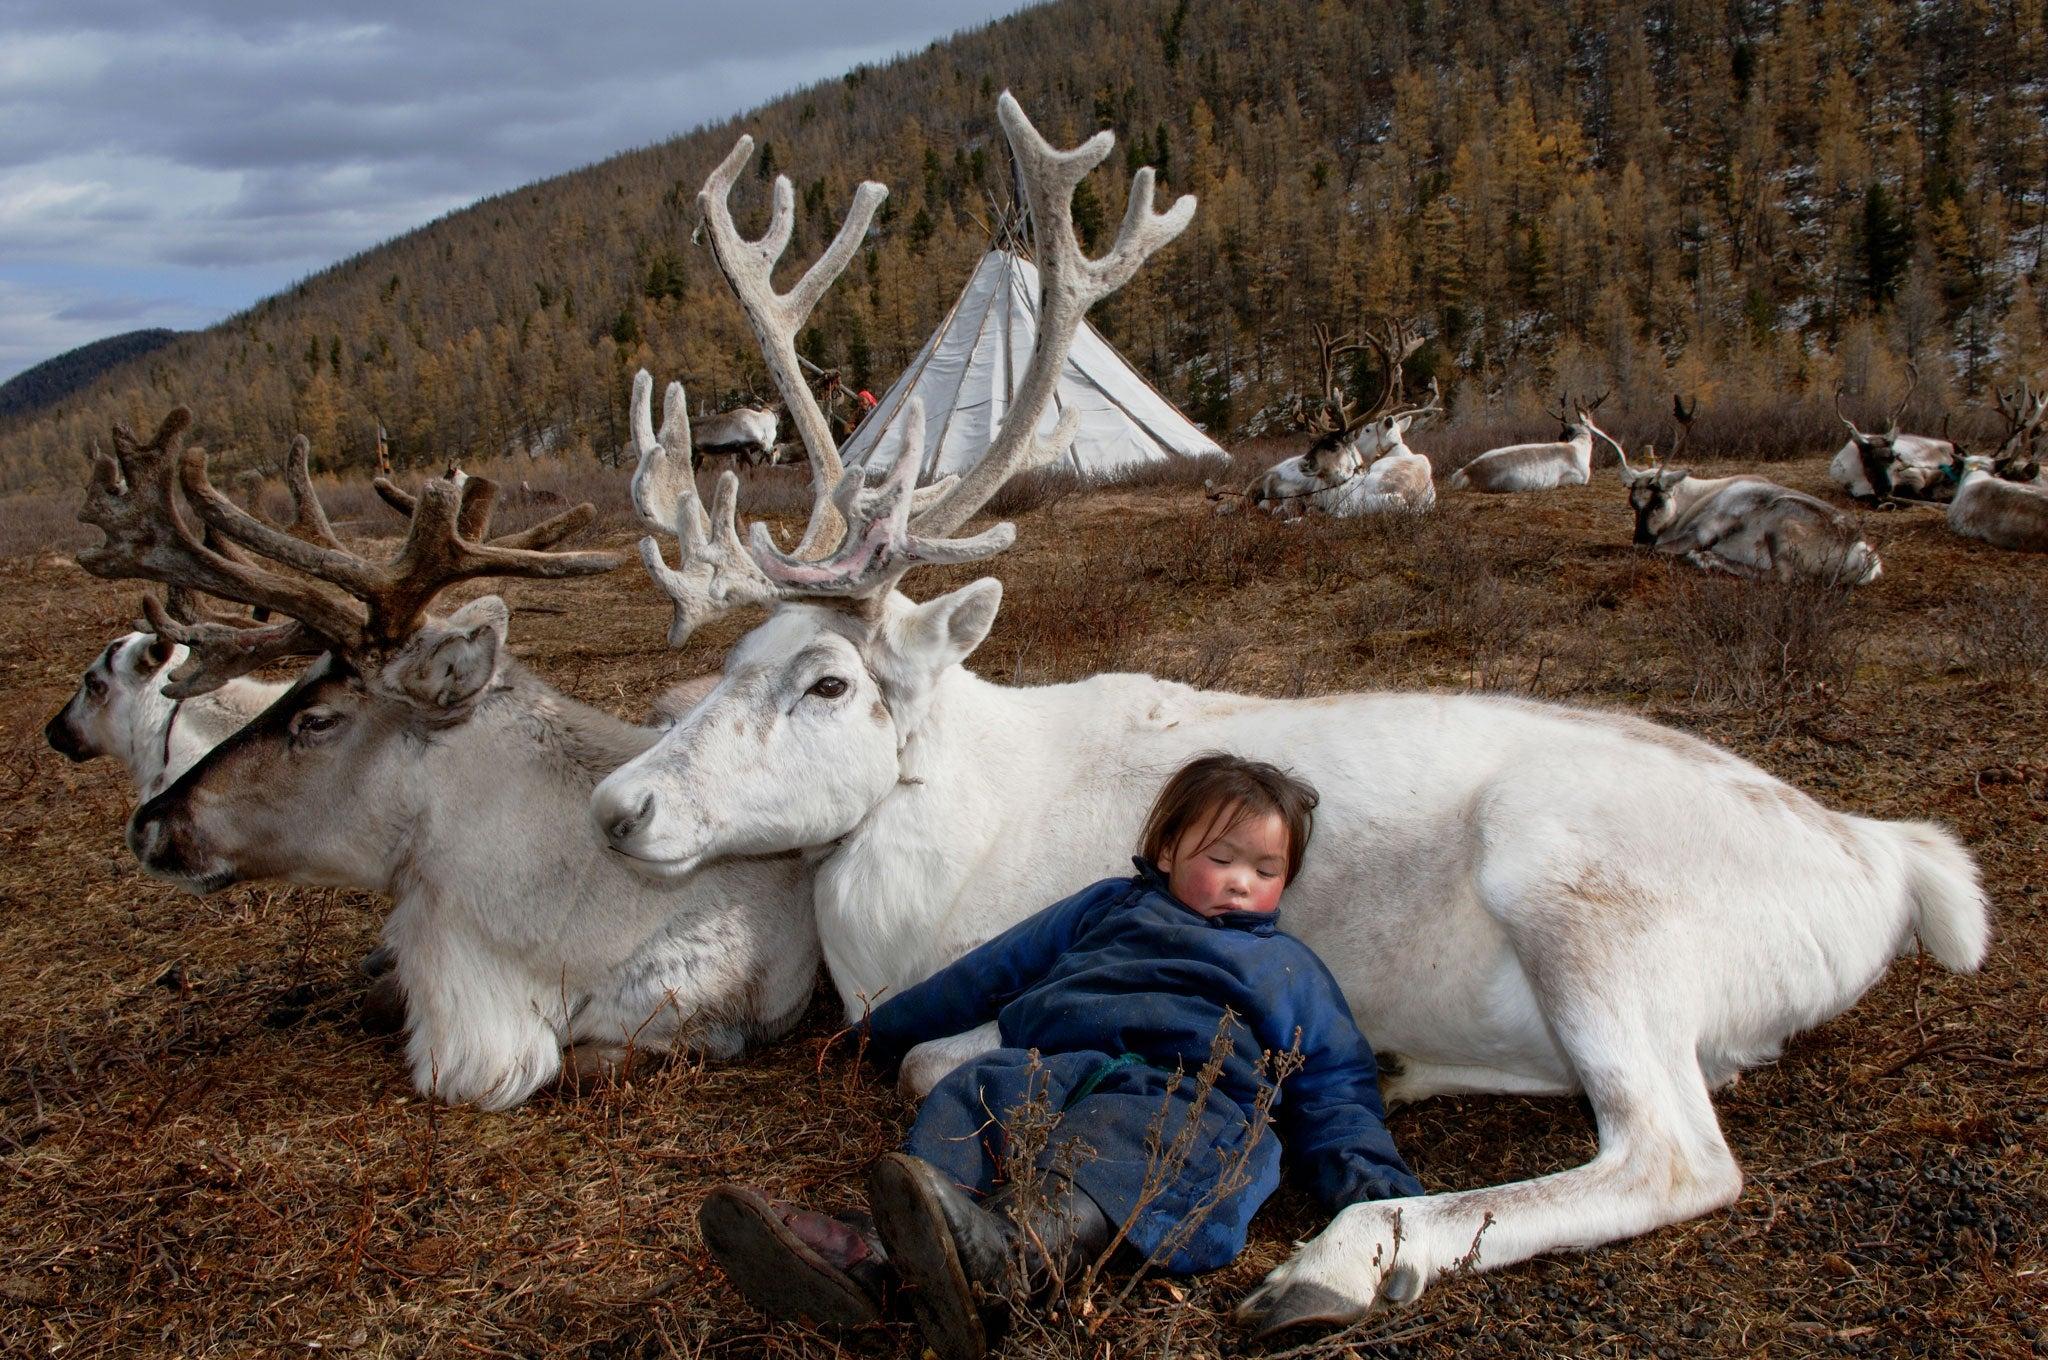 mongolia tribal life